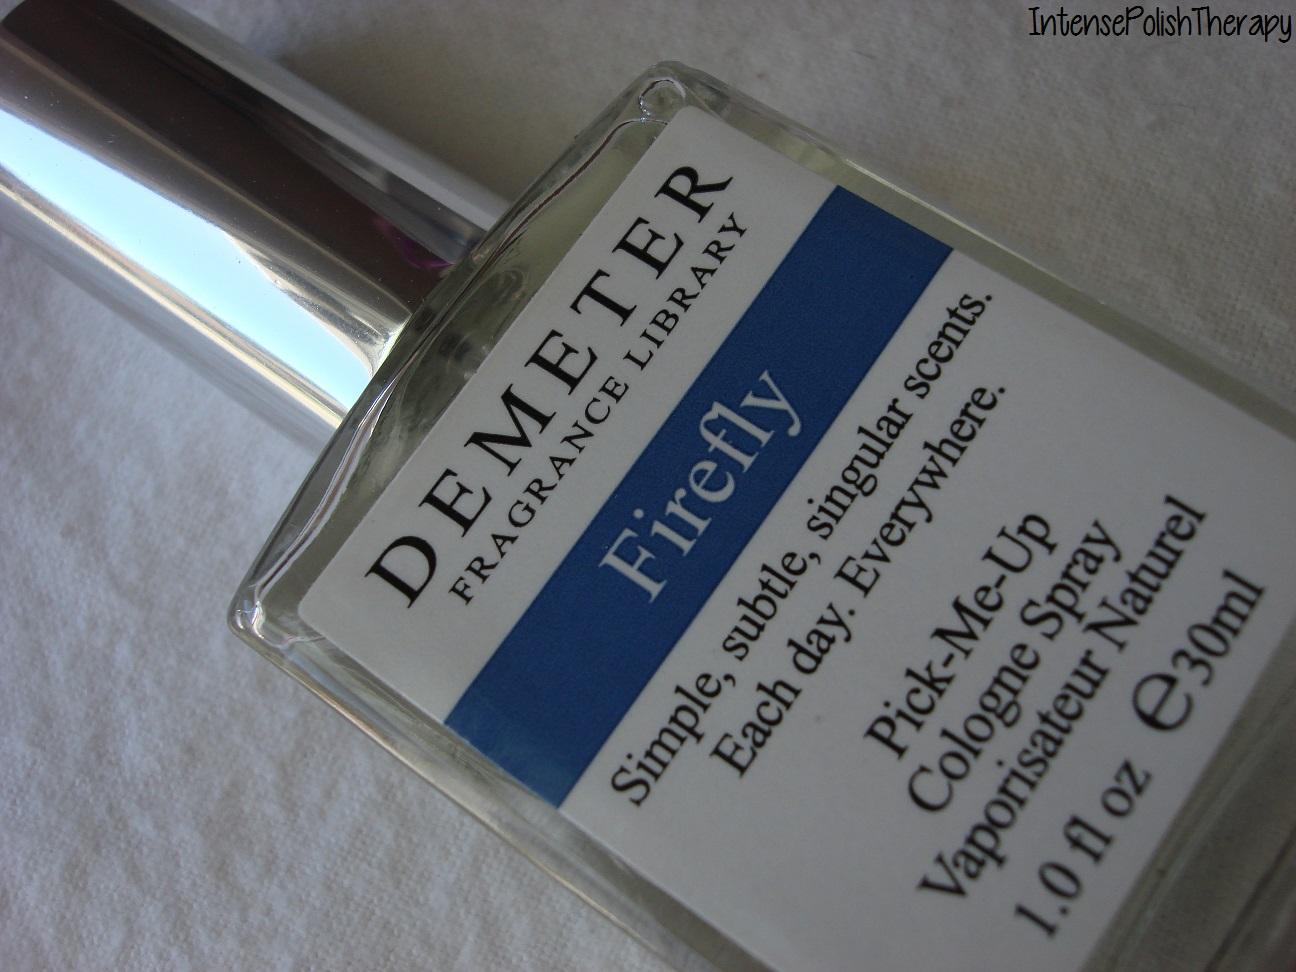 Demeter Fragrance Library - Firefly